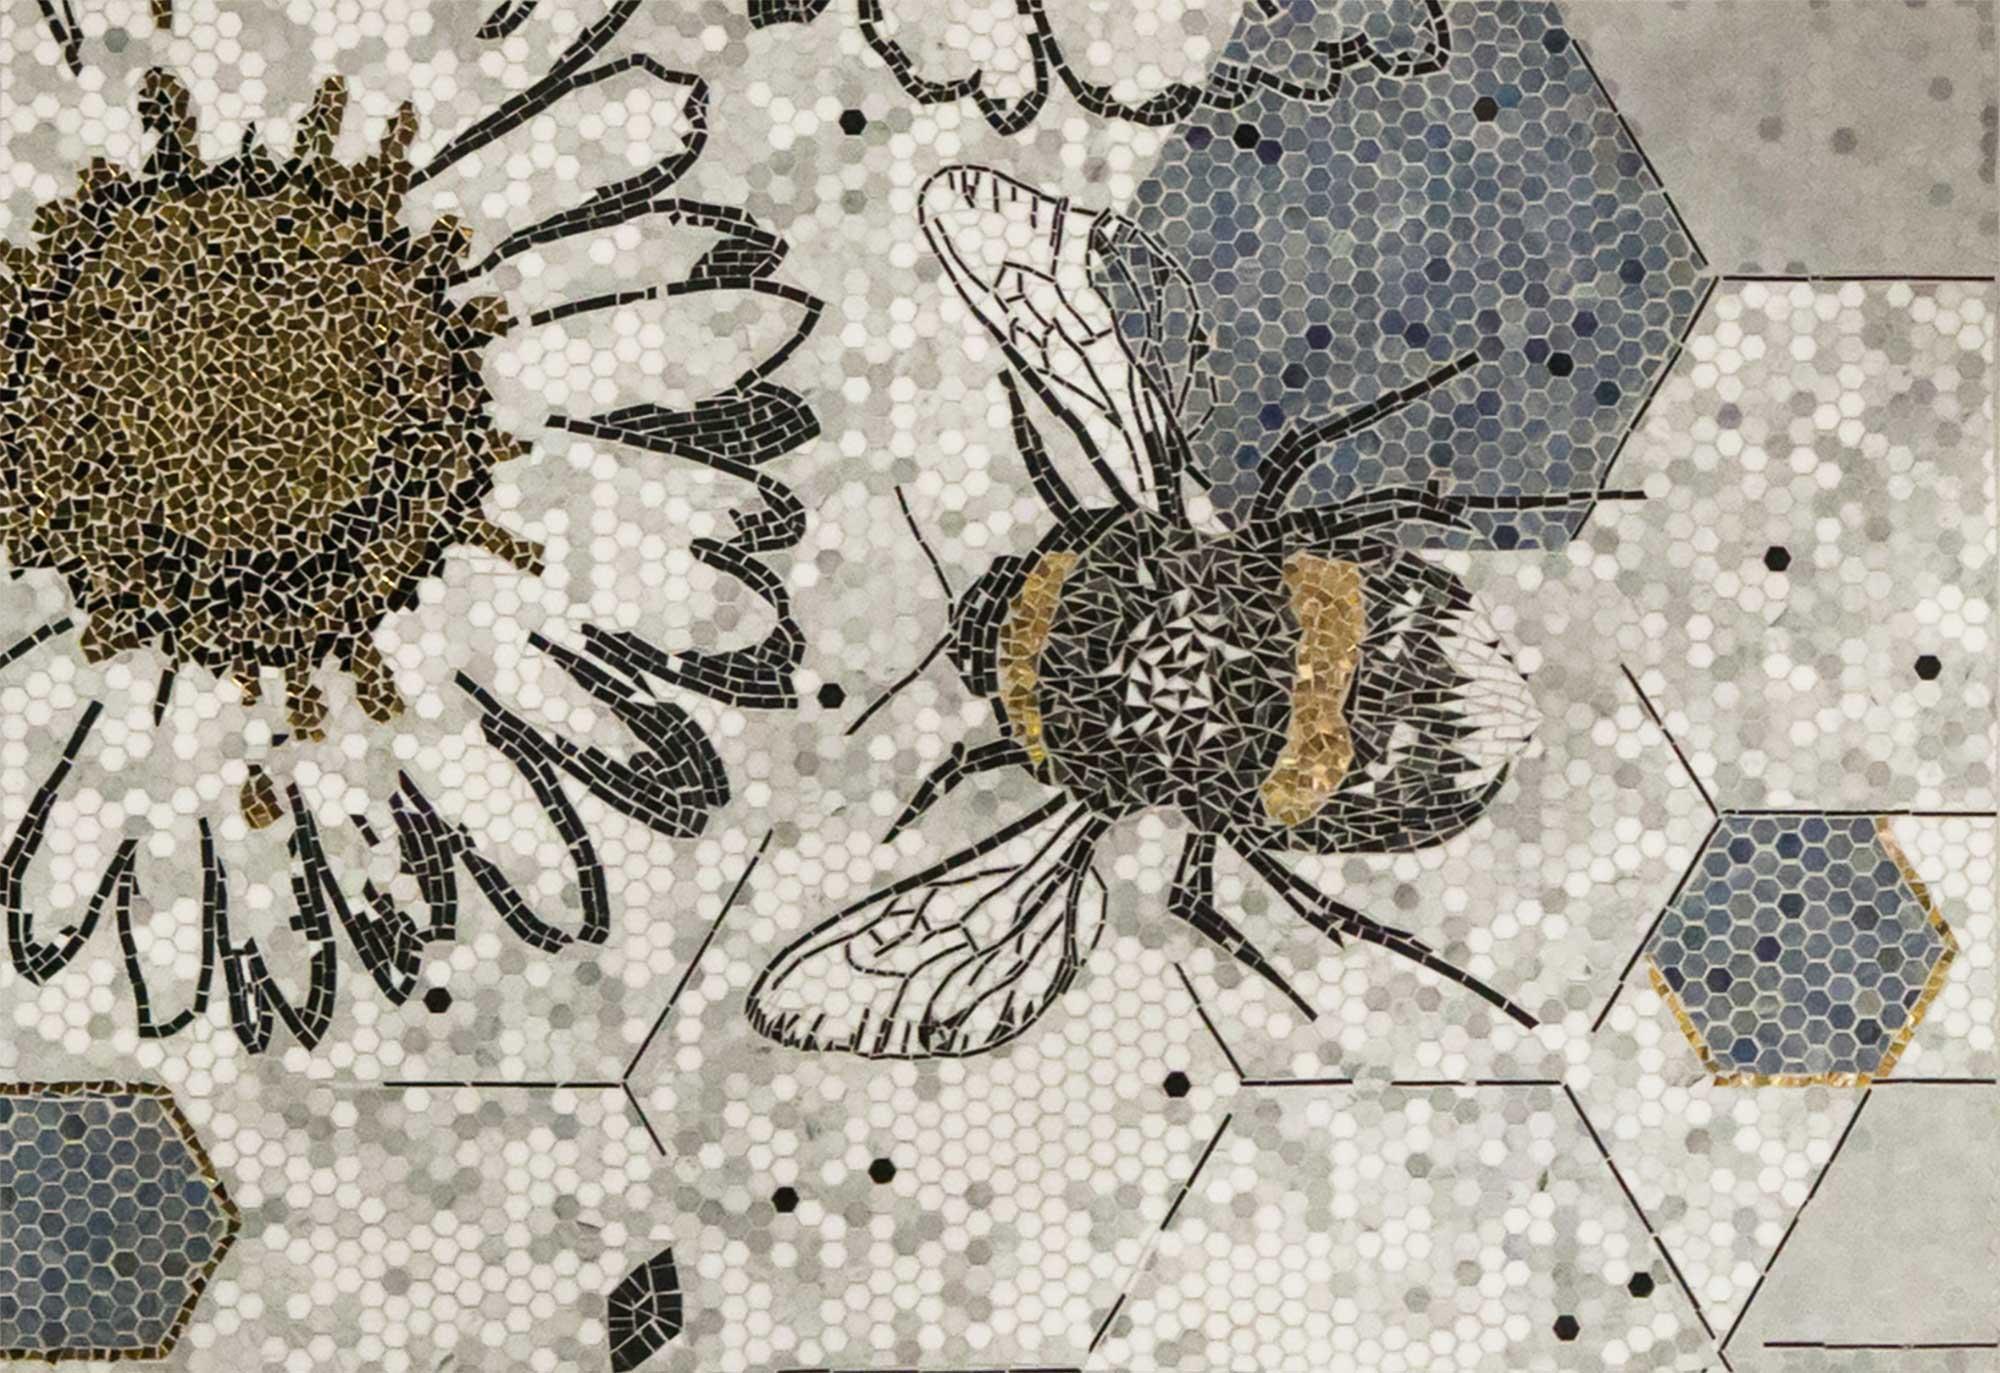 hants-bees-Dettaglio-3 ANTS & BEES